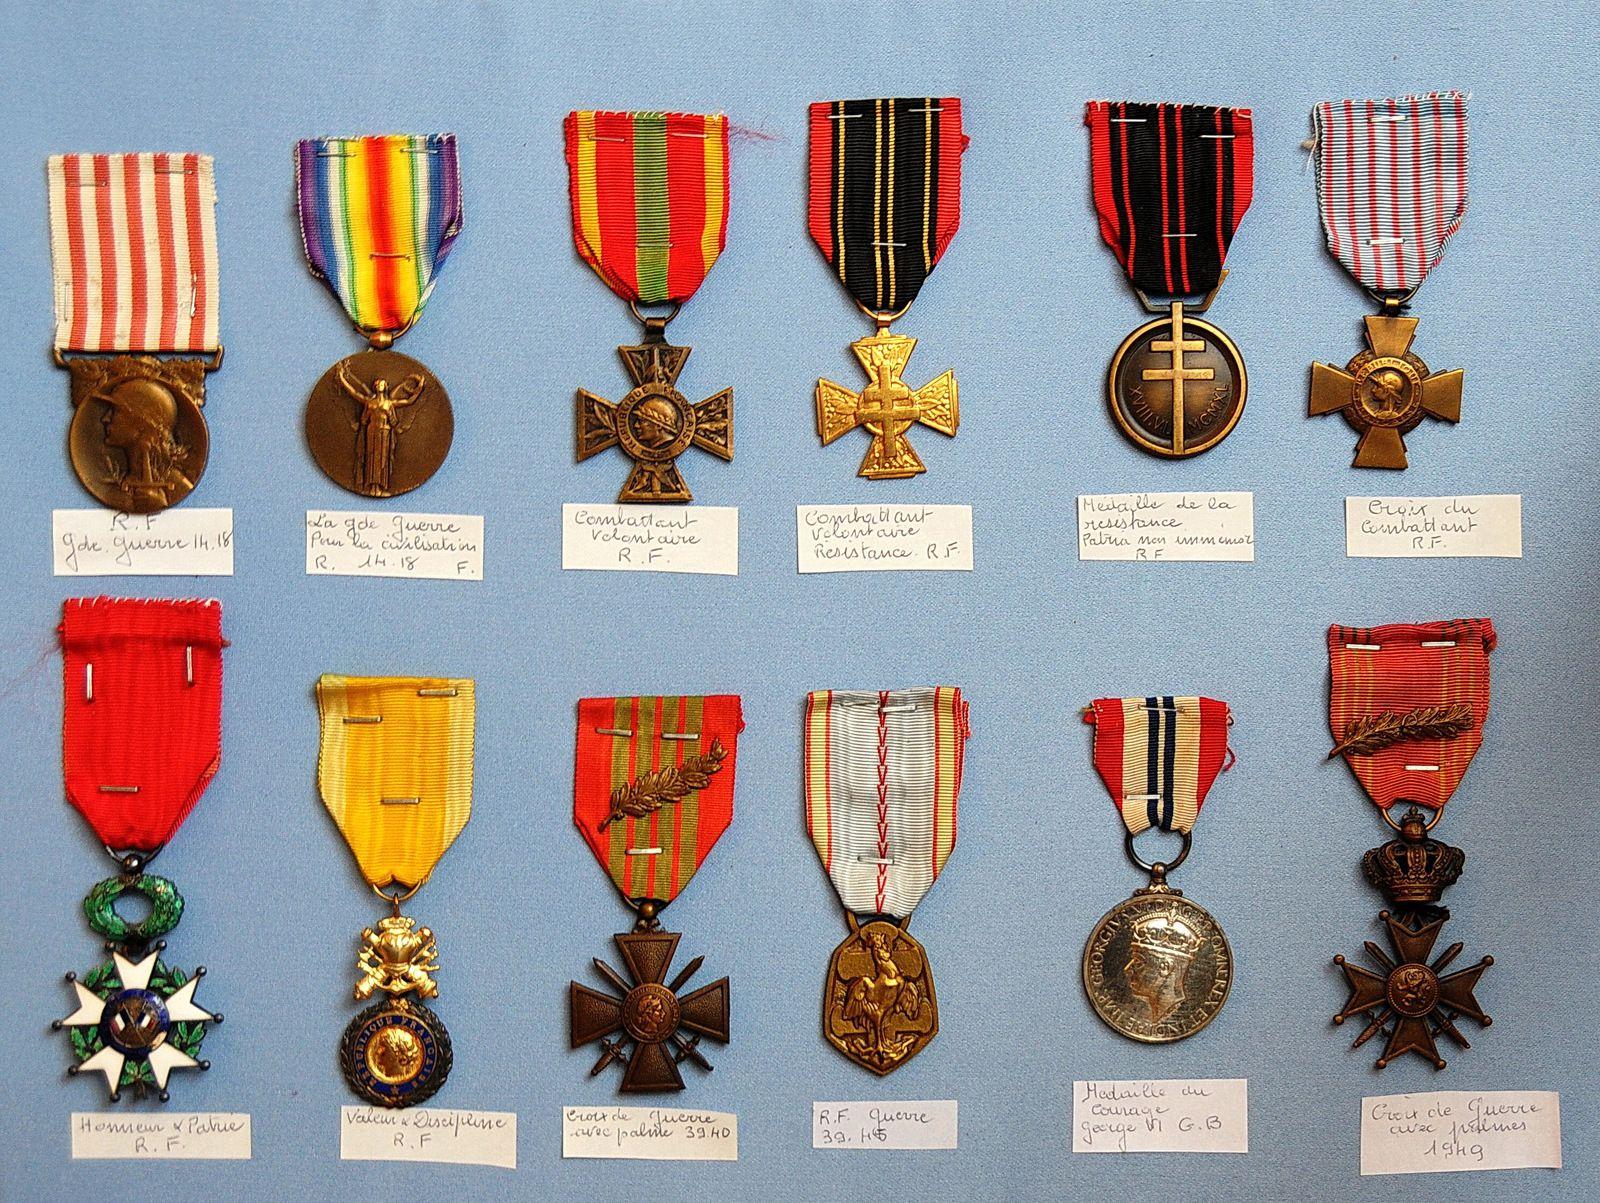 Impressionnant tableau d'honneur ( Source Gisèle B.)